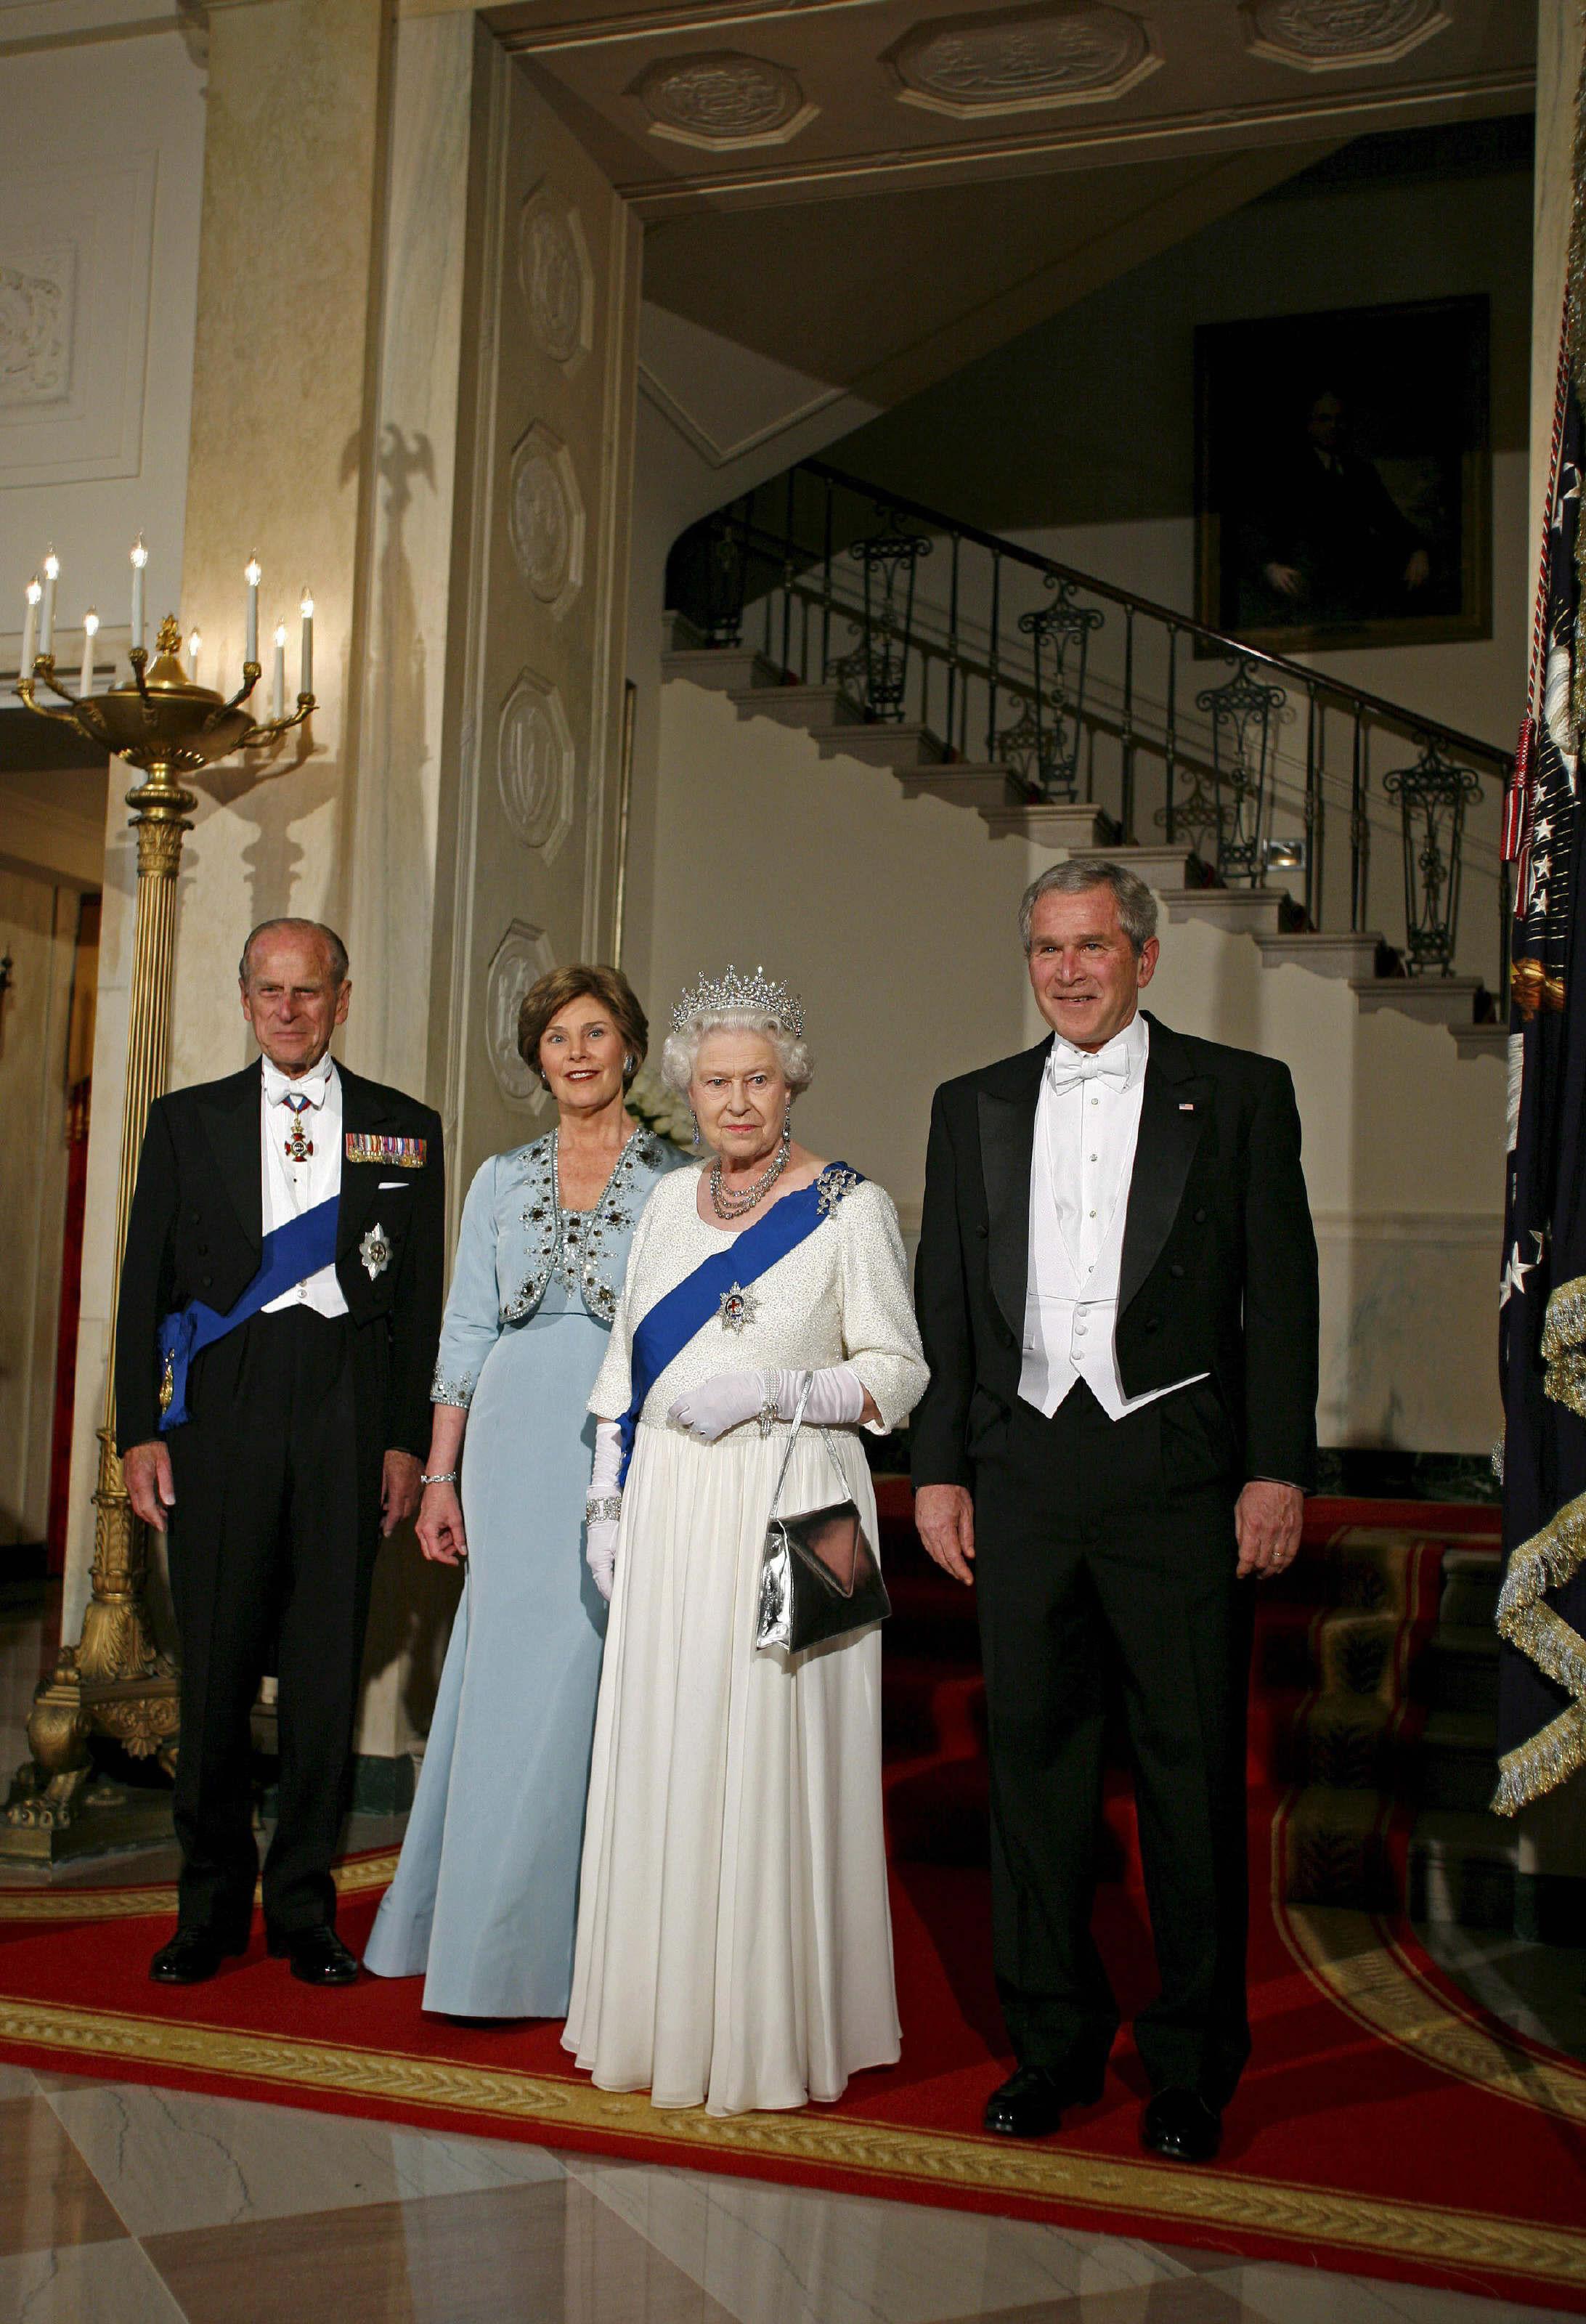 En el 2007, la reina Elizabeth II visitó Estados Unidos. La foto recoge el momento en el que saludaba al presidente, George W. Bush, y a la primera dama, Laura Bush al llegar a una cena de estado en la Casa Blanca en Washington. (Archivo)